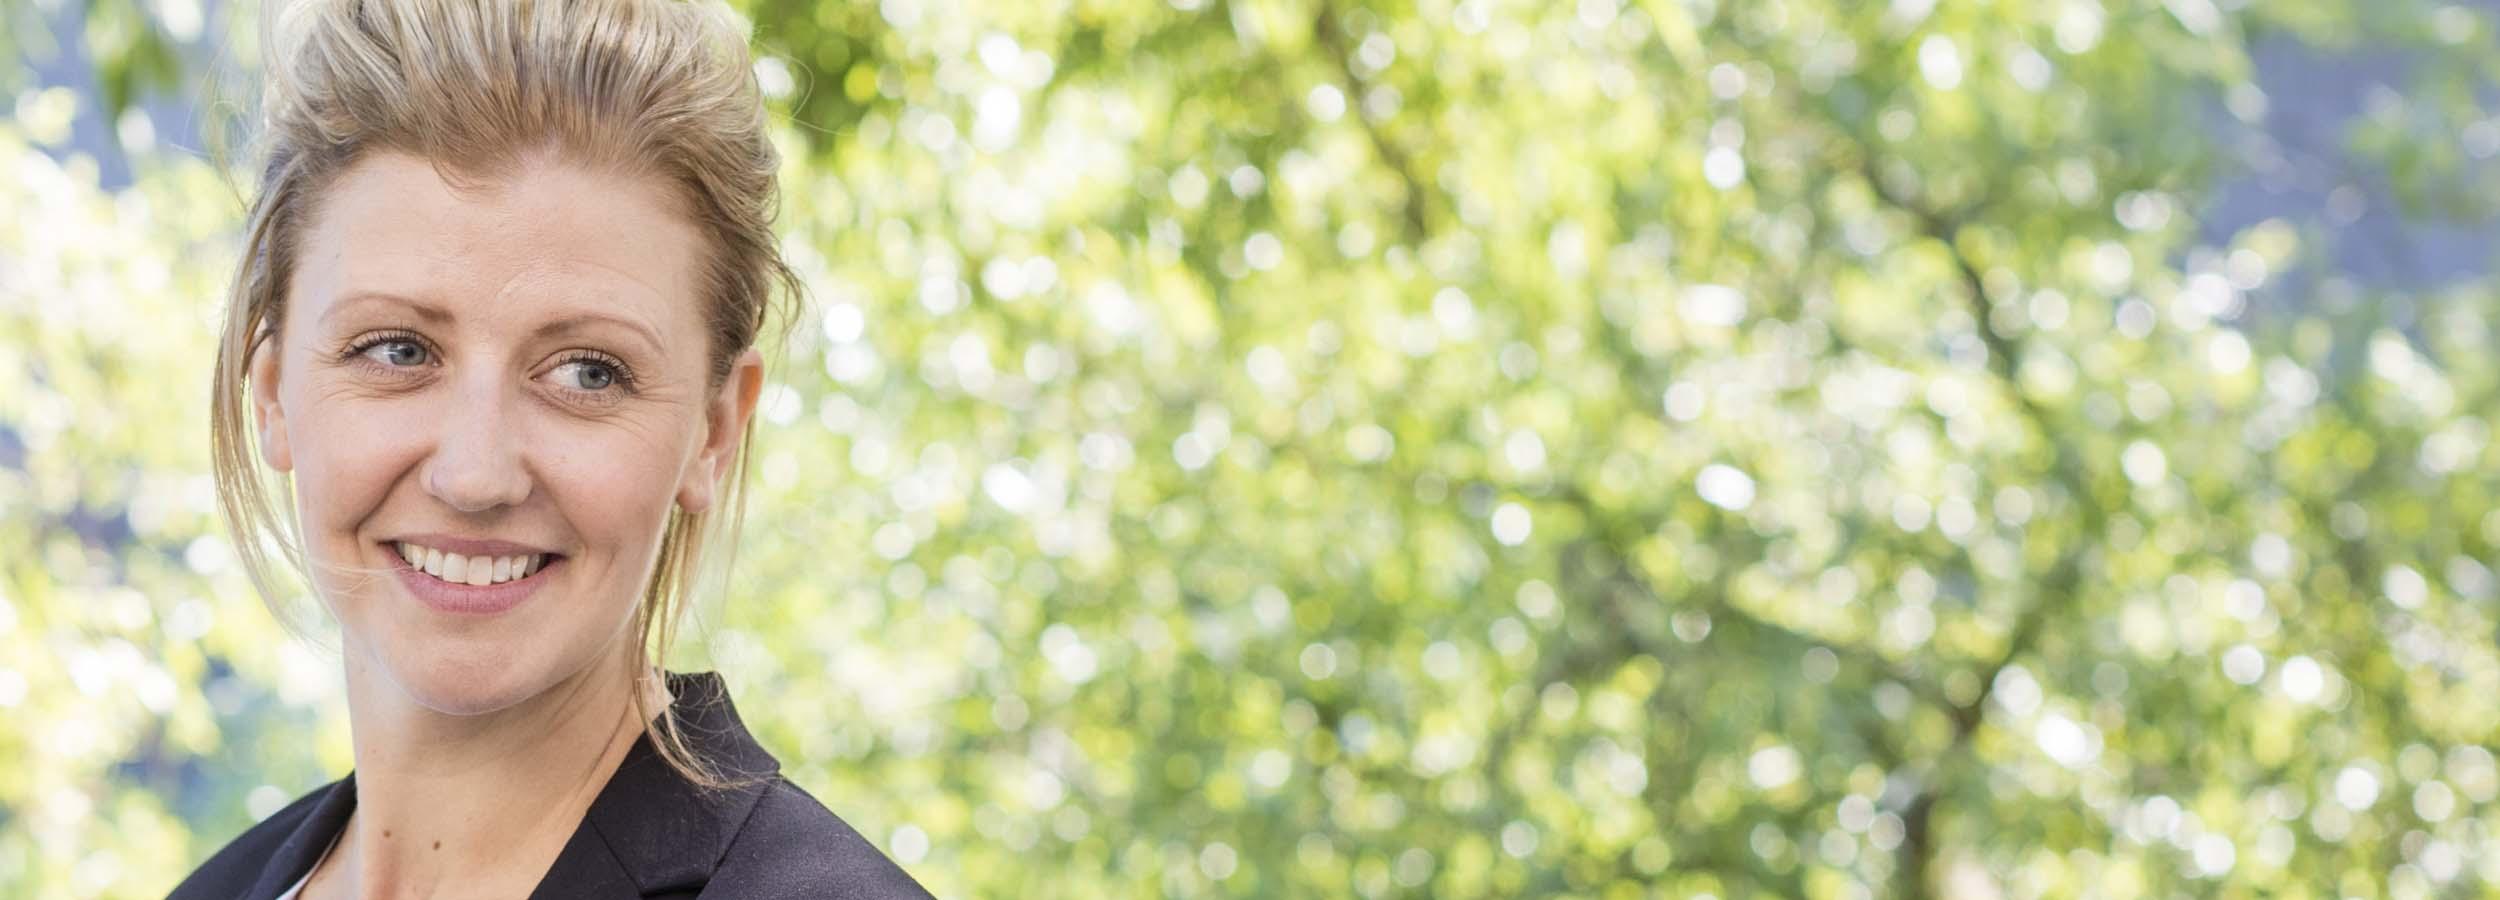 Bemanningsföretag som arbetar med fördomsfri bemanning och personaluthyrning Kvinna leende utomhus